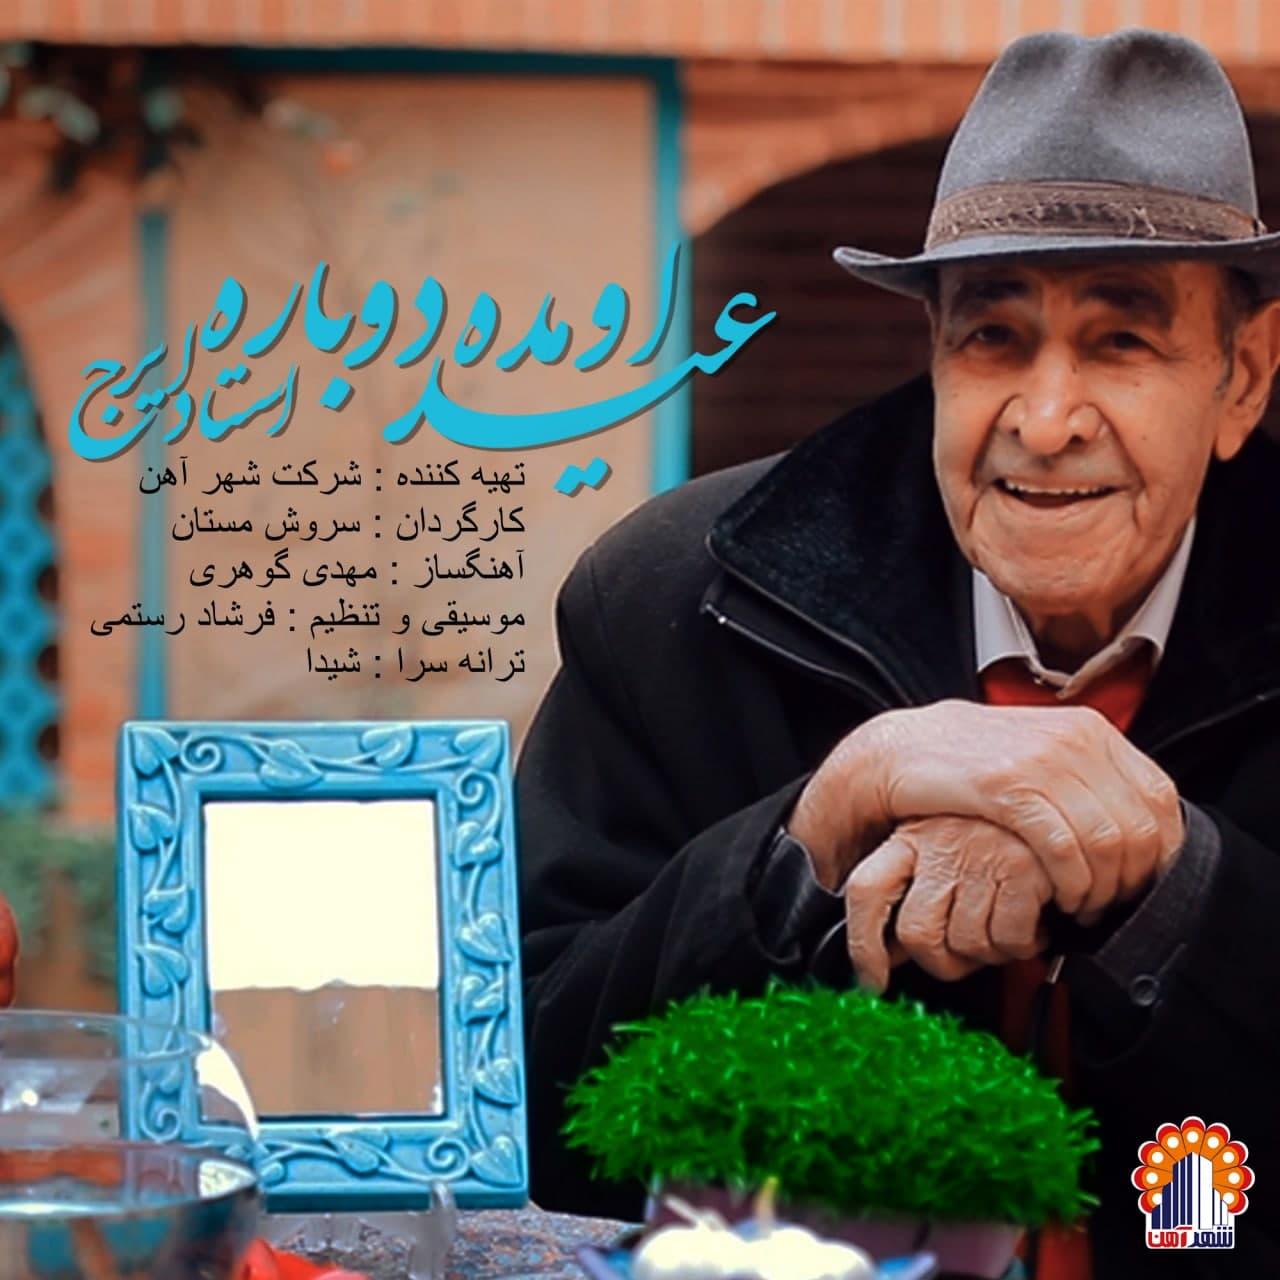 دانلود آهنگ جدید ایرج خواجه امیری به نام عید اومده دوباره